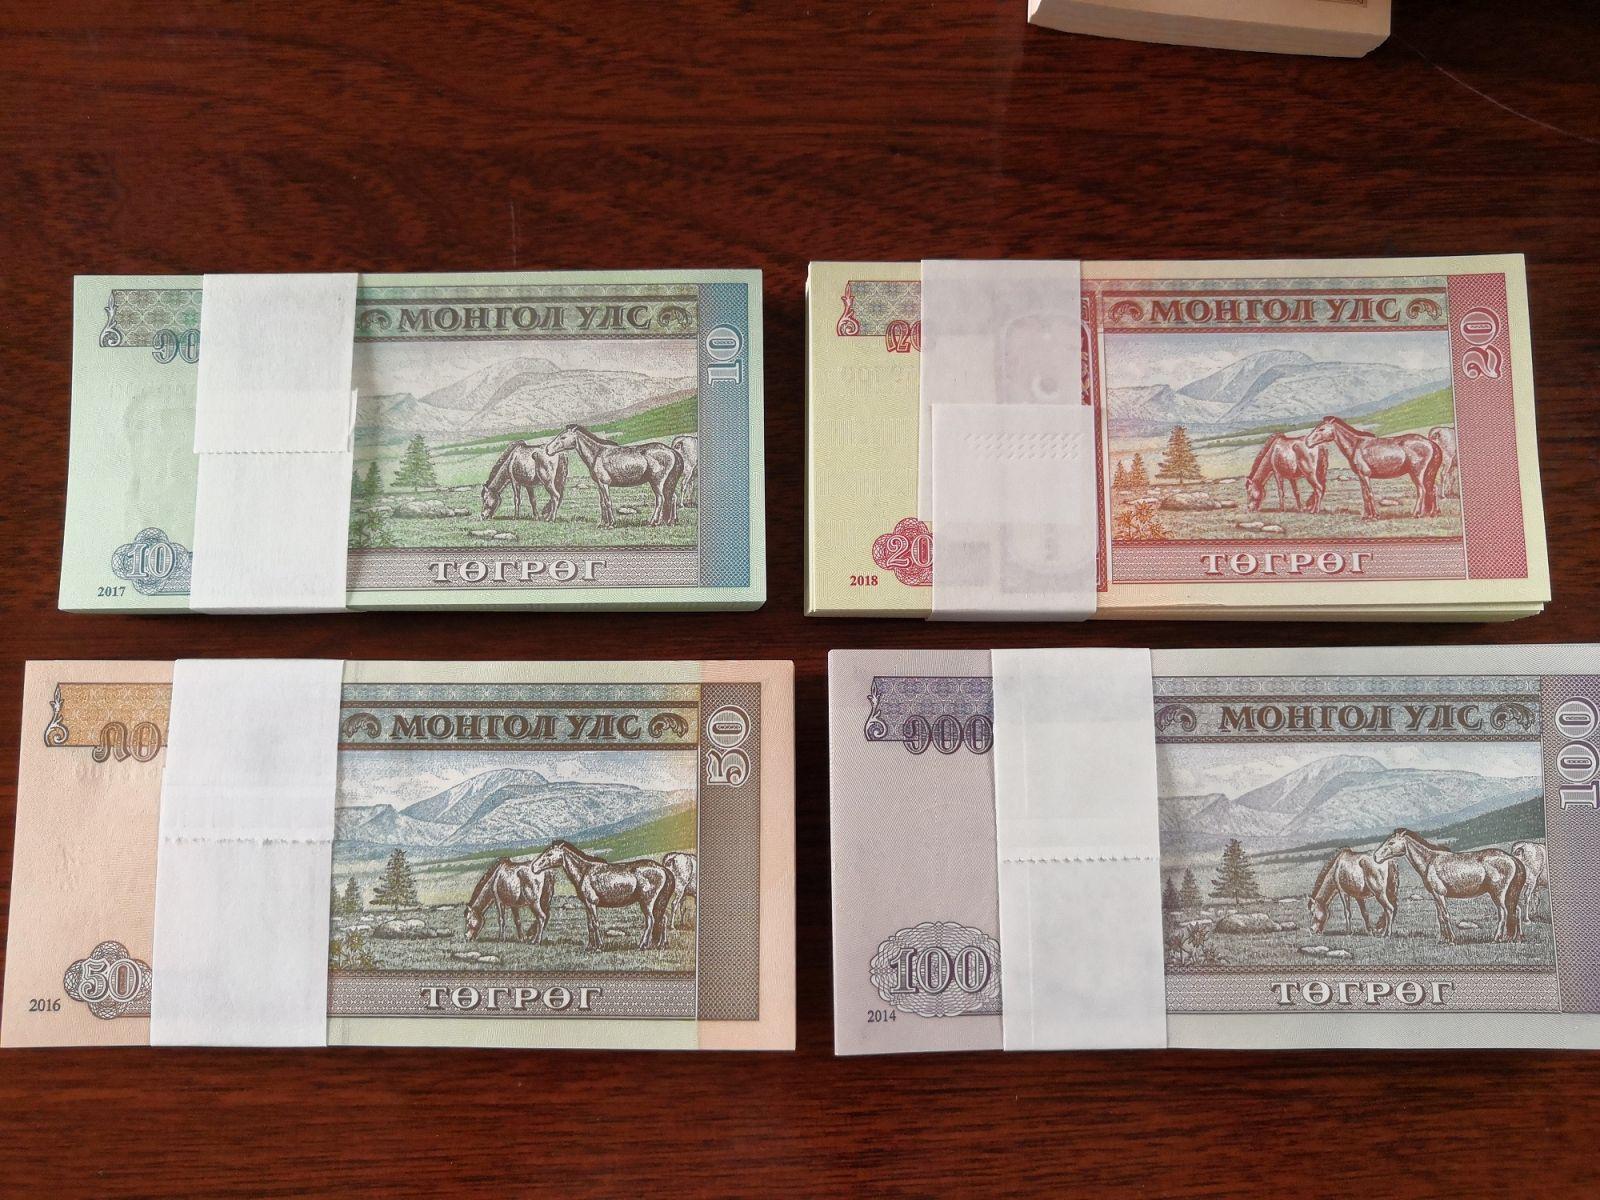 Tiền Mông Cổ Hình Ngựa 4 Mệnh Giá - 400 Tờ